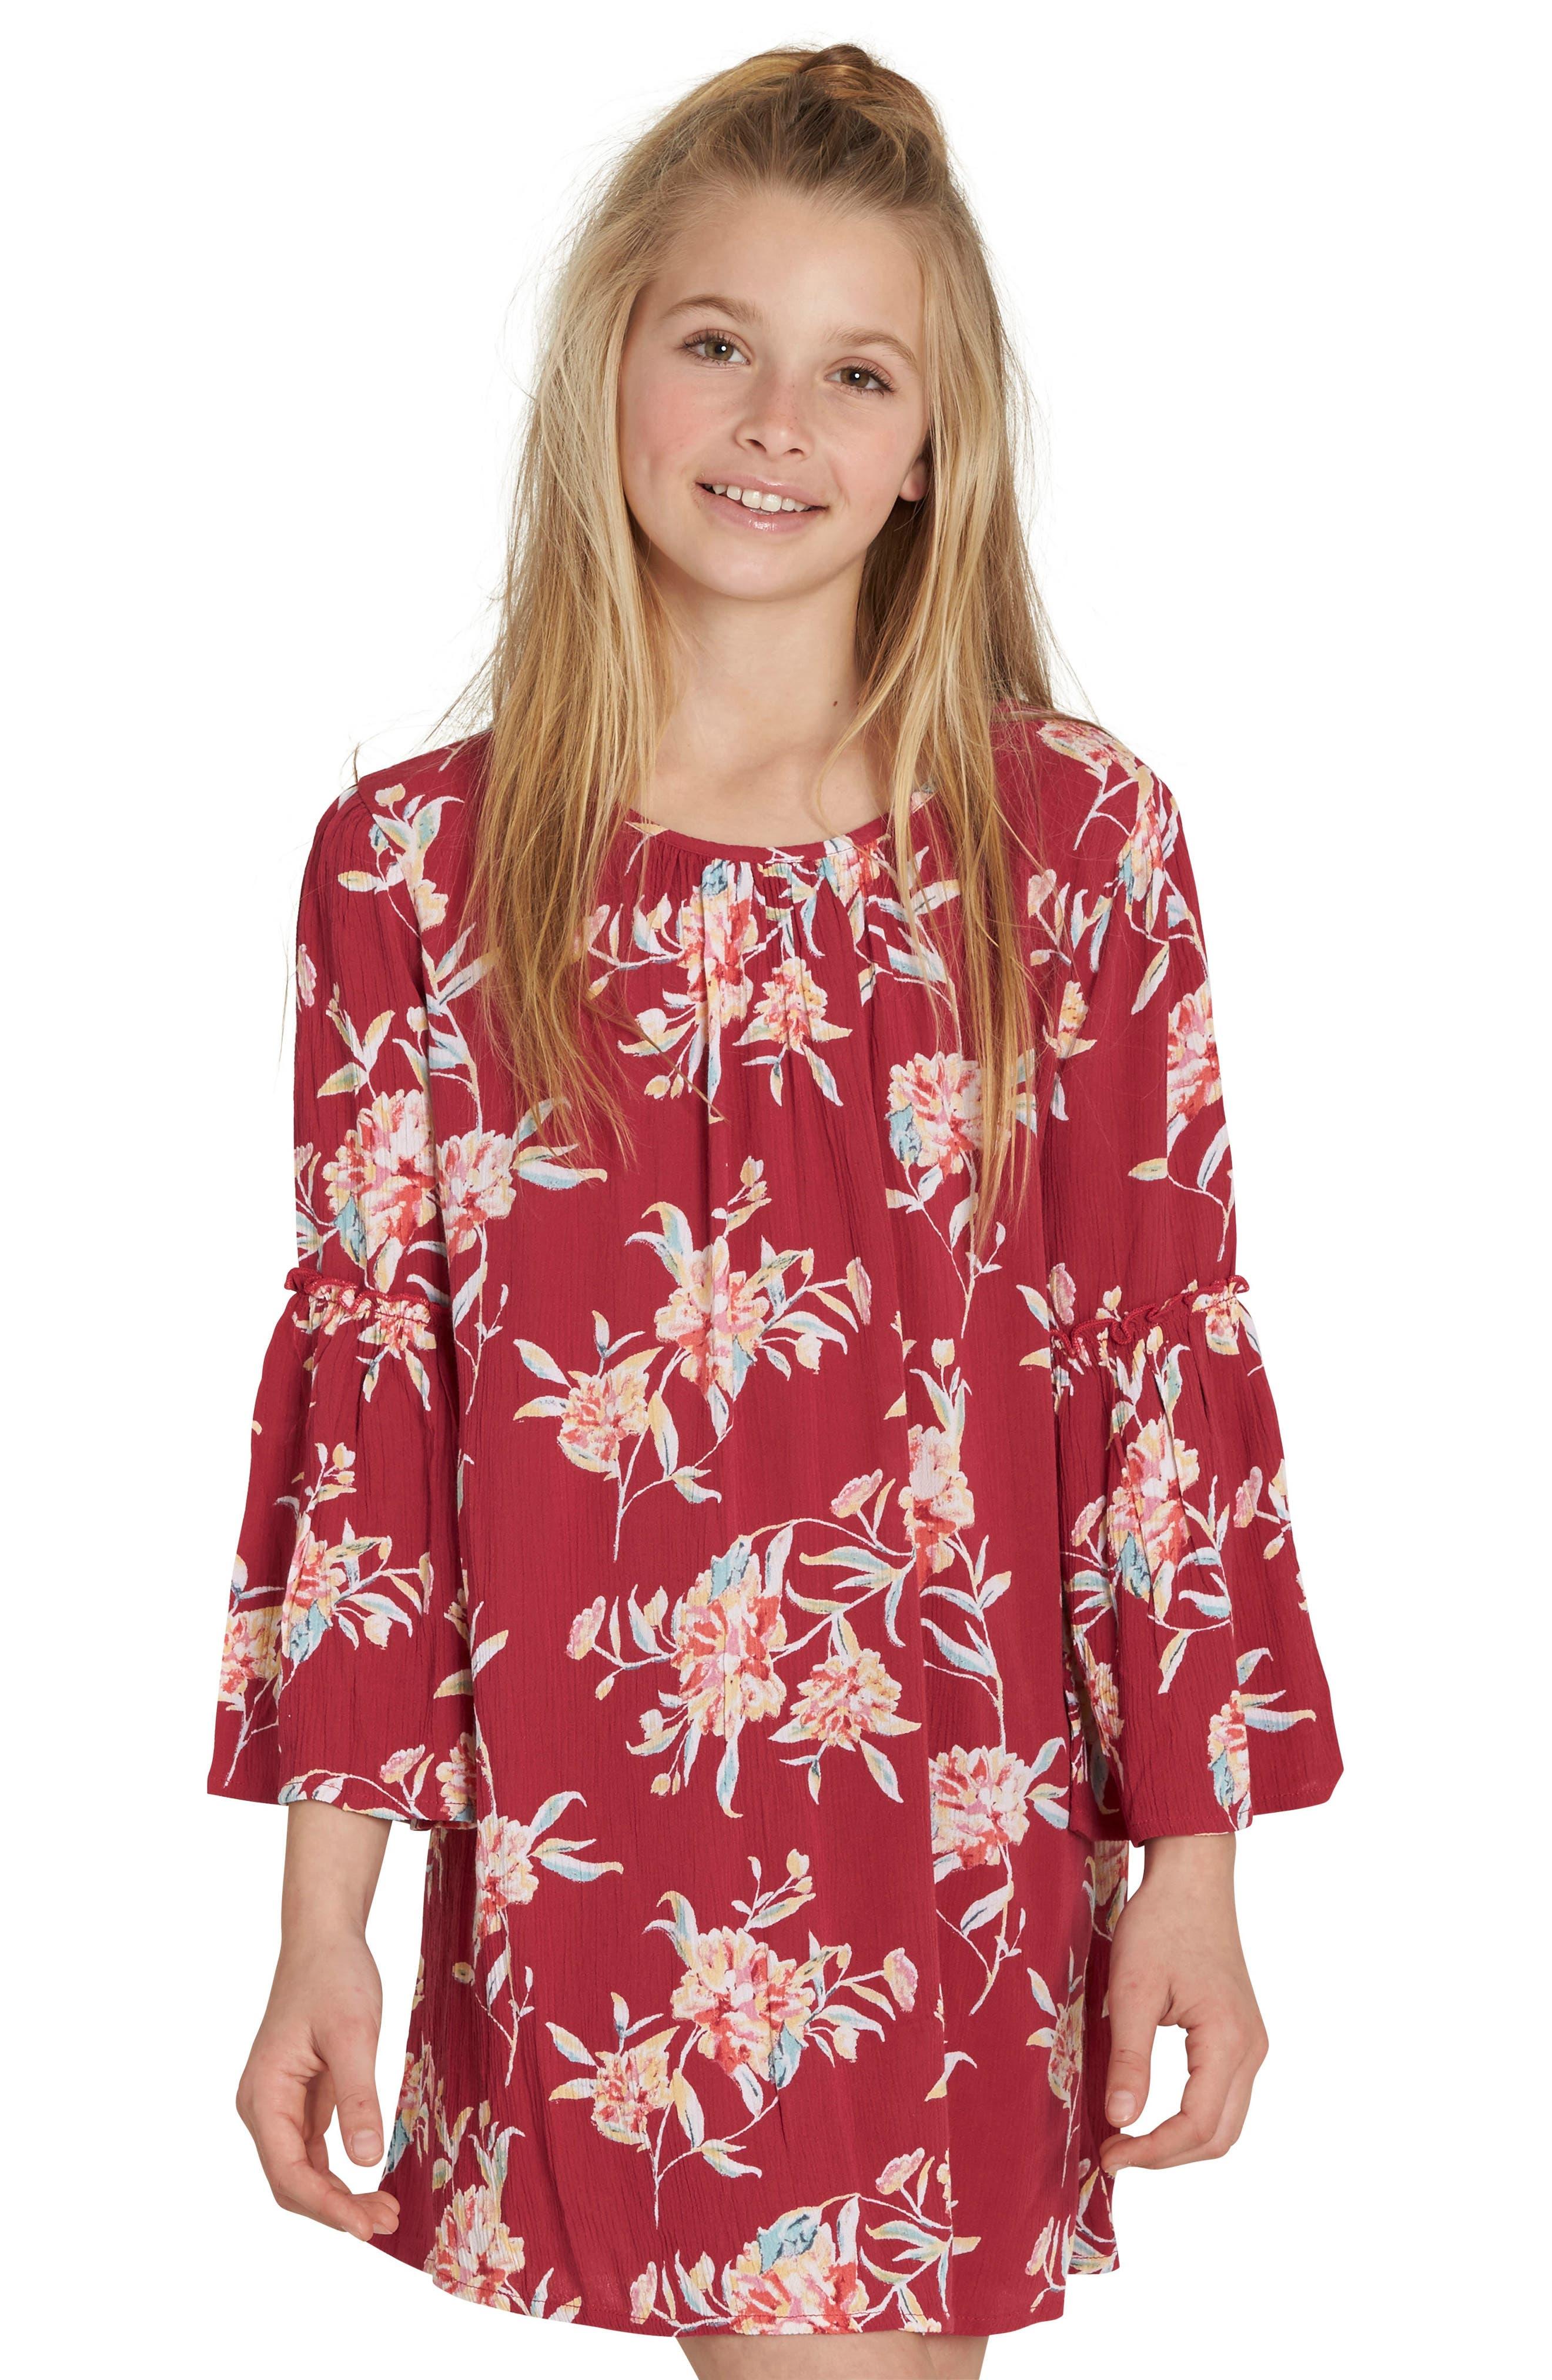 Main Image - Billabong Vacation Mode Print Dress (Little Girls & Big Girls)